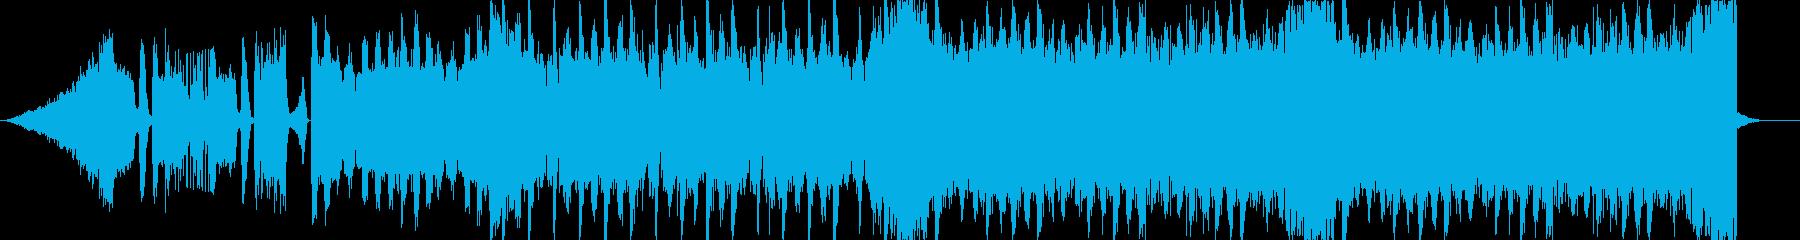 オープニングに最適なEDM/エレクトロの再生済みの波形